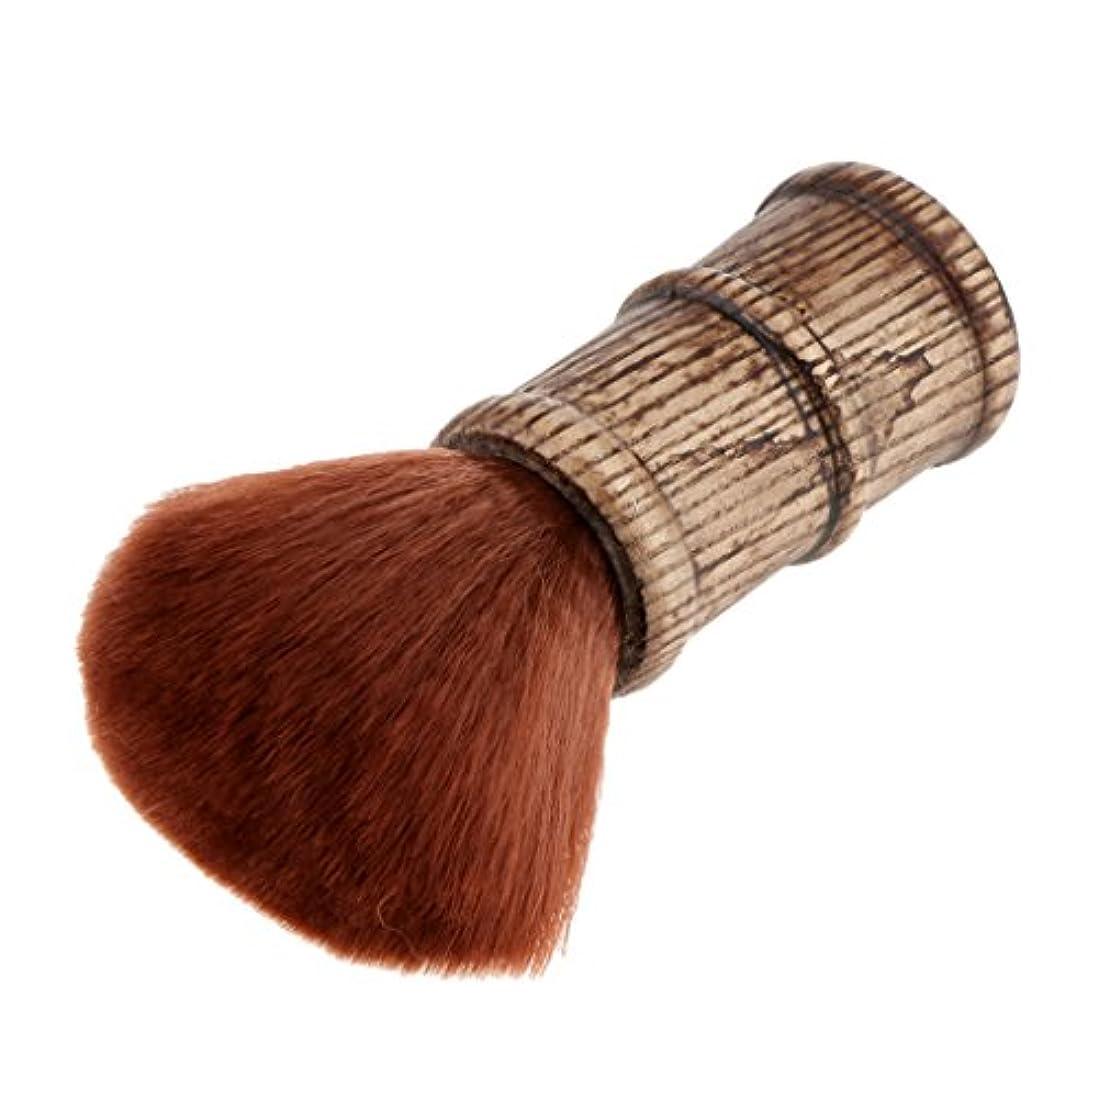 幸運な湖うんヘアカット 散髪 ネックダスターブラシ ソフト クリーニングヘアブラシ ヘアスイープブラシ 2色選べる - 褐色